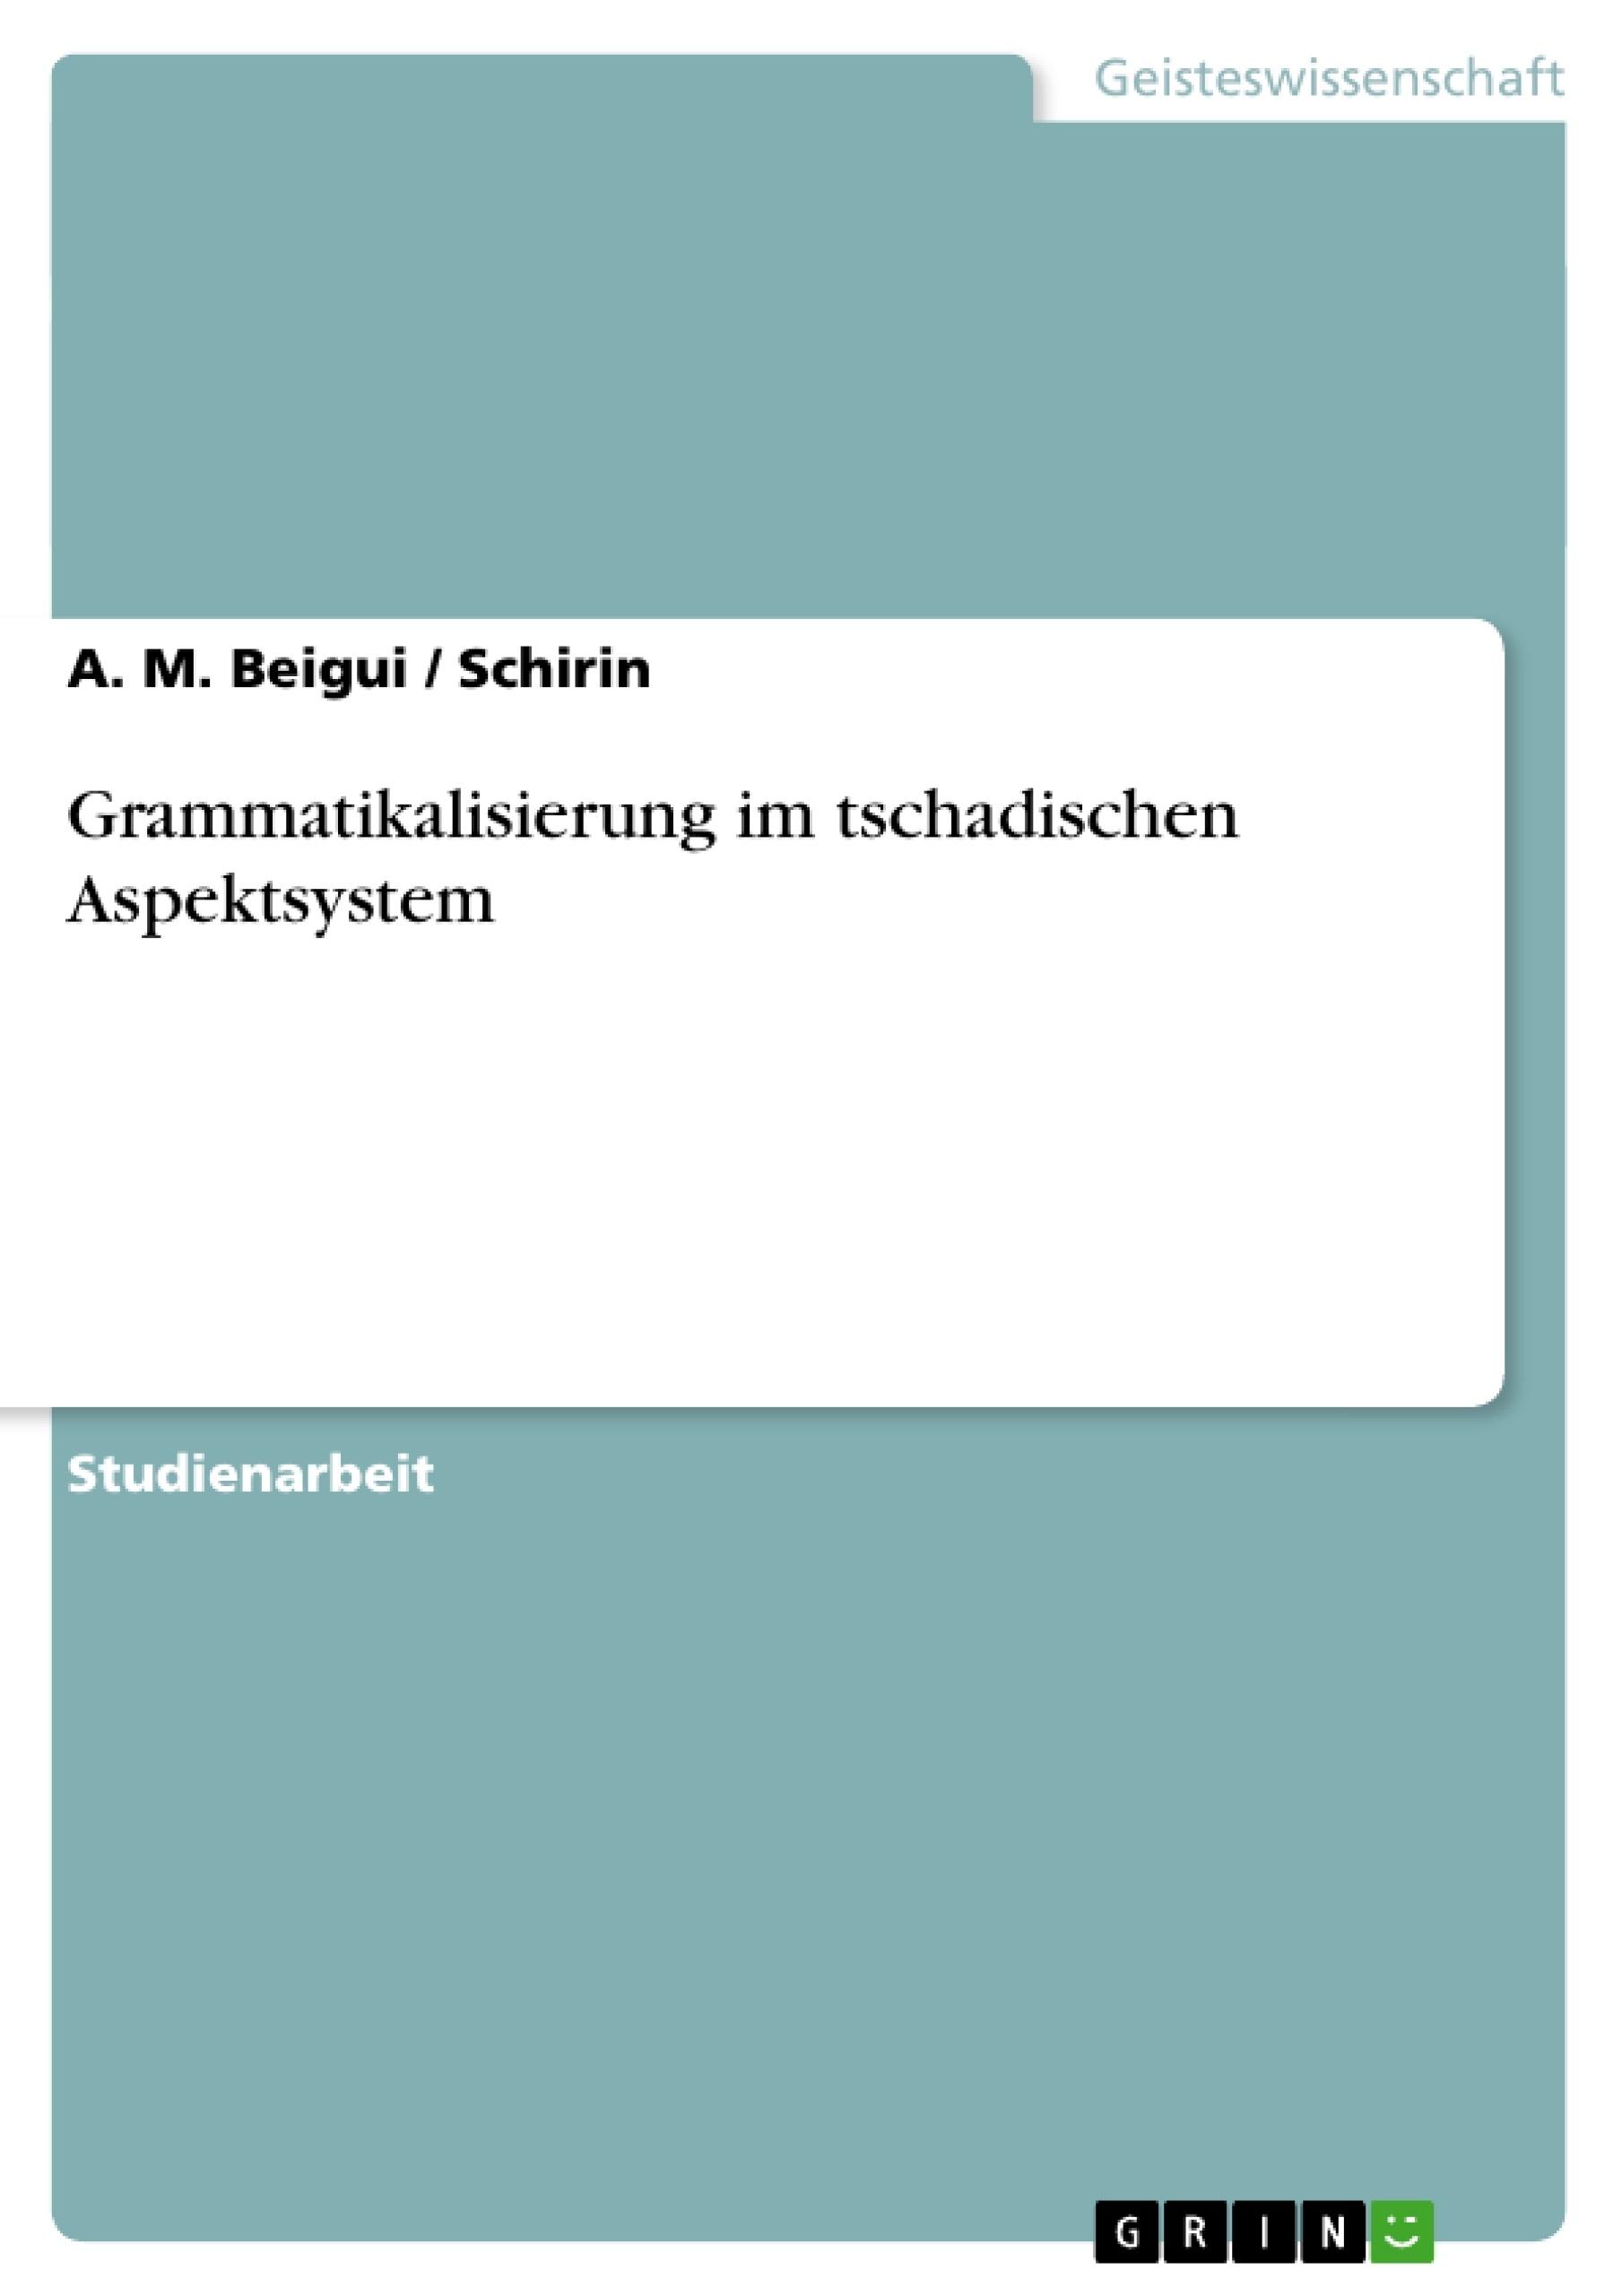 Titel: Grammatikalisierung im tschadischen Aspektsystem